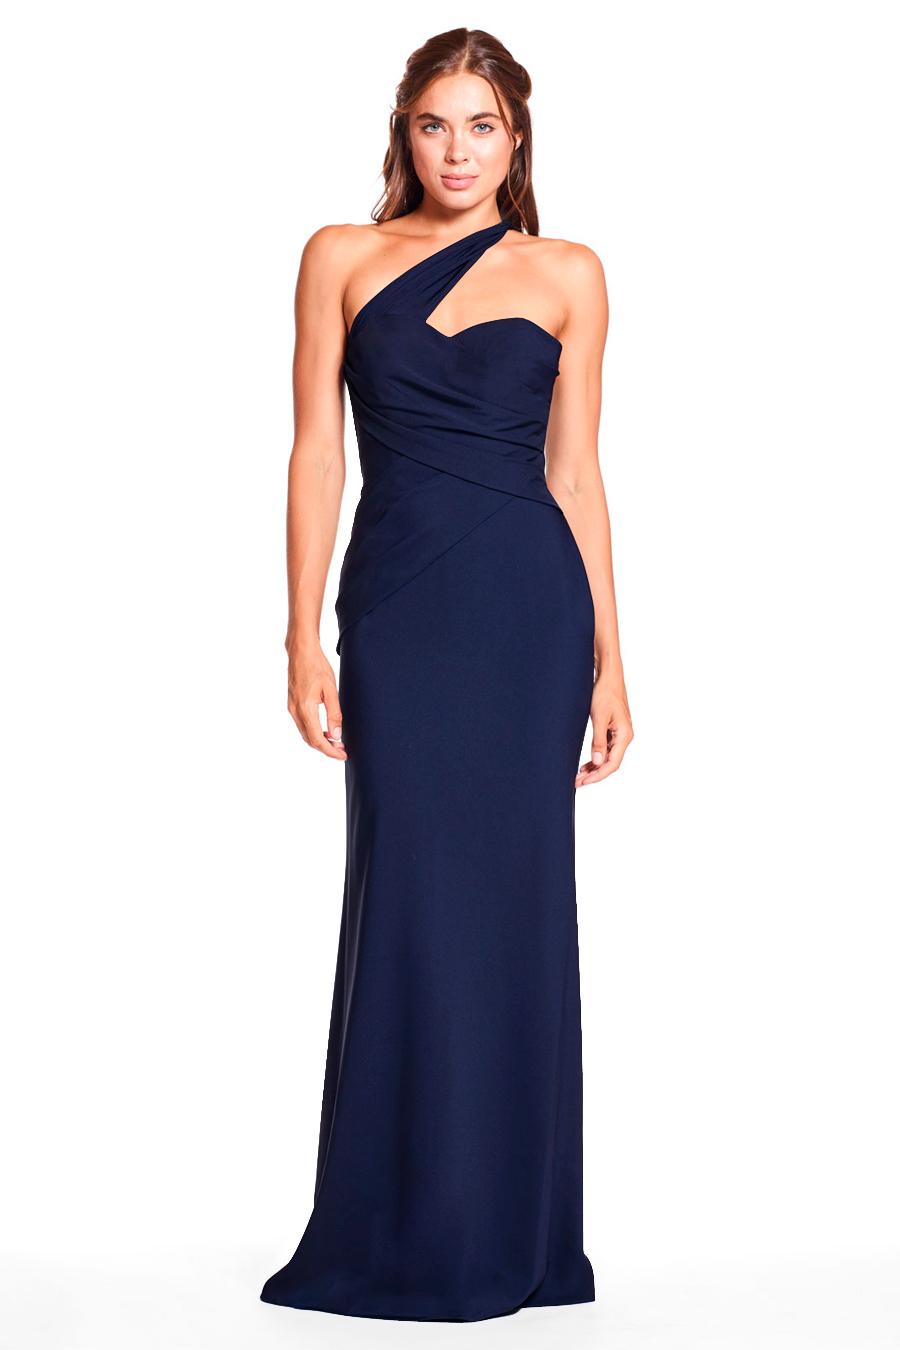 Hill sherri lilac prom dress